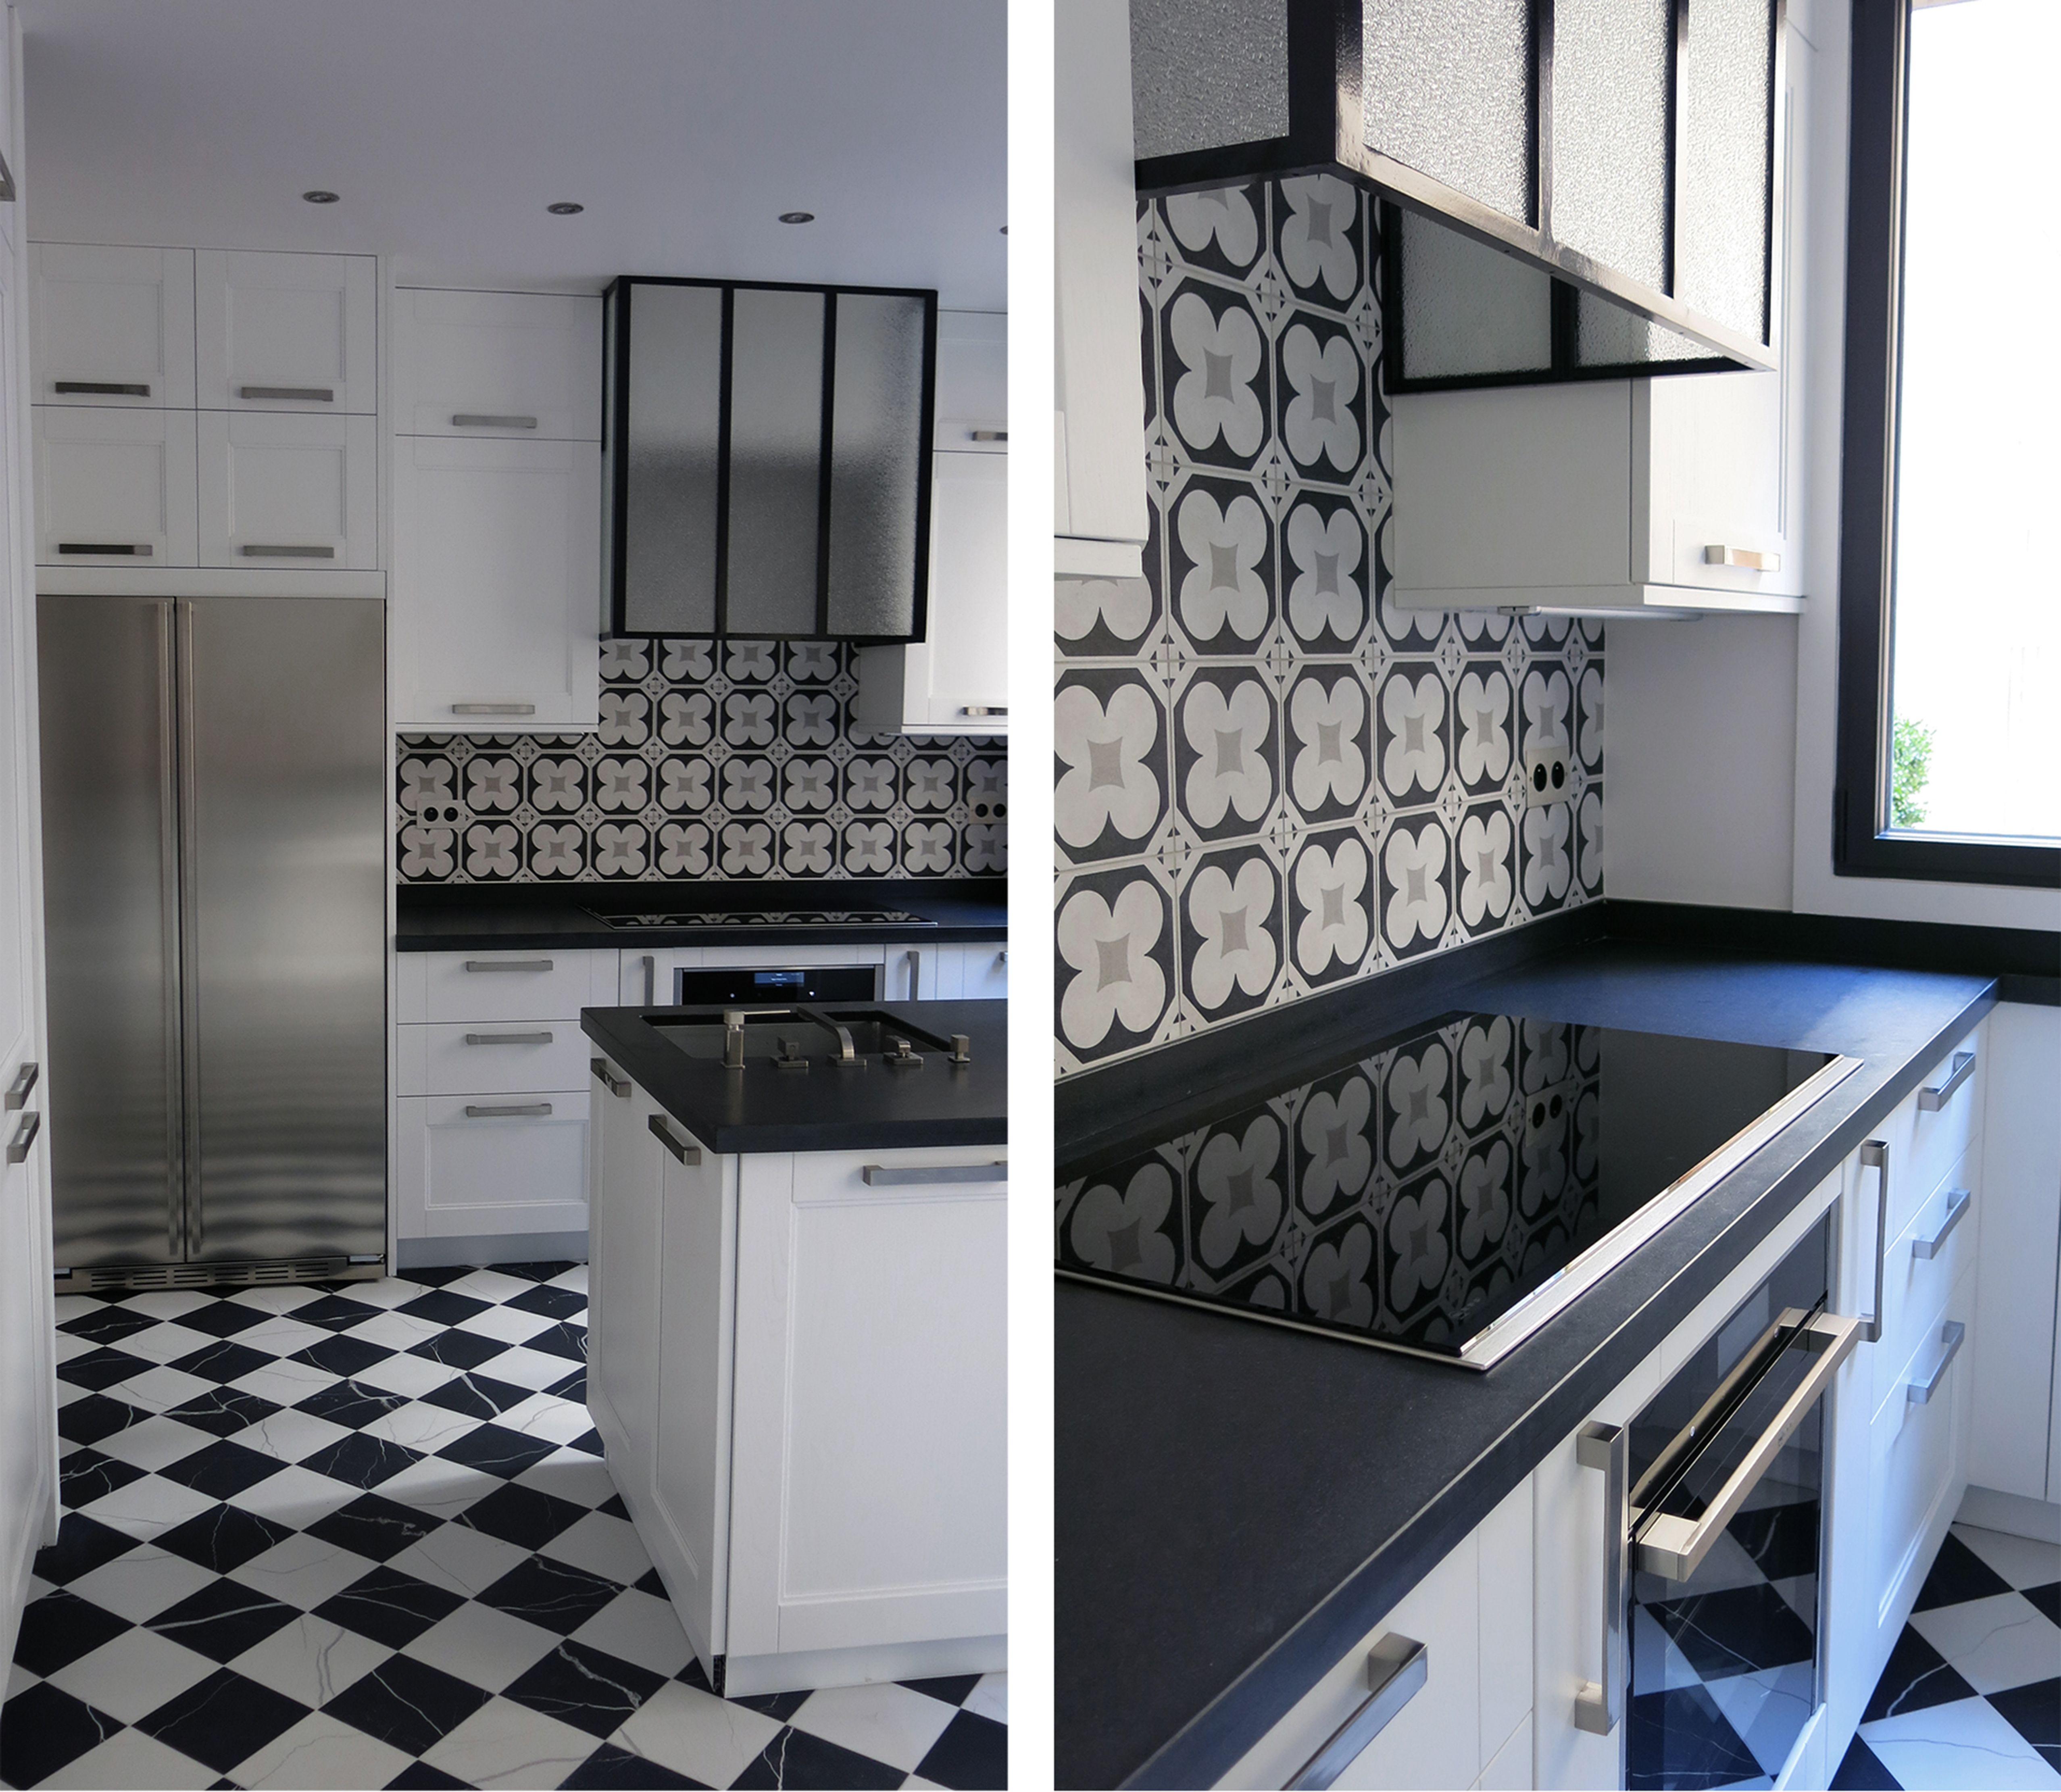 Cuisine Blanche Plan De Travail En Granit Zimbabwe Hotte Type Atelier Sol En Damier Noir Cuisine Moderne Blanche Carrelage Noir Et Blanc Cuisine Moderne